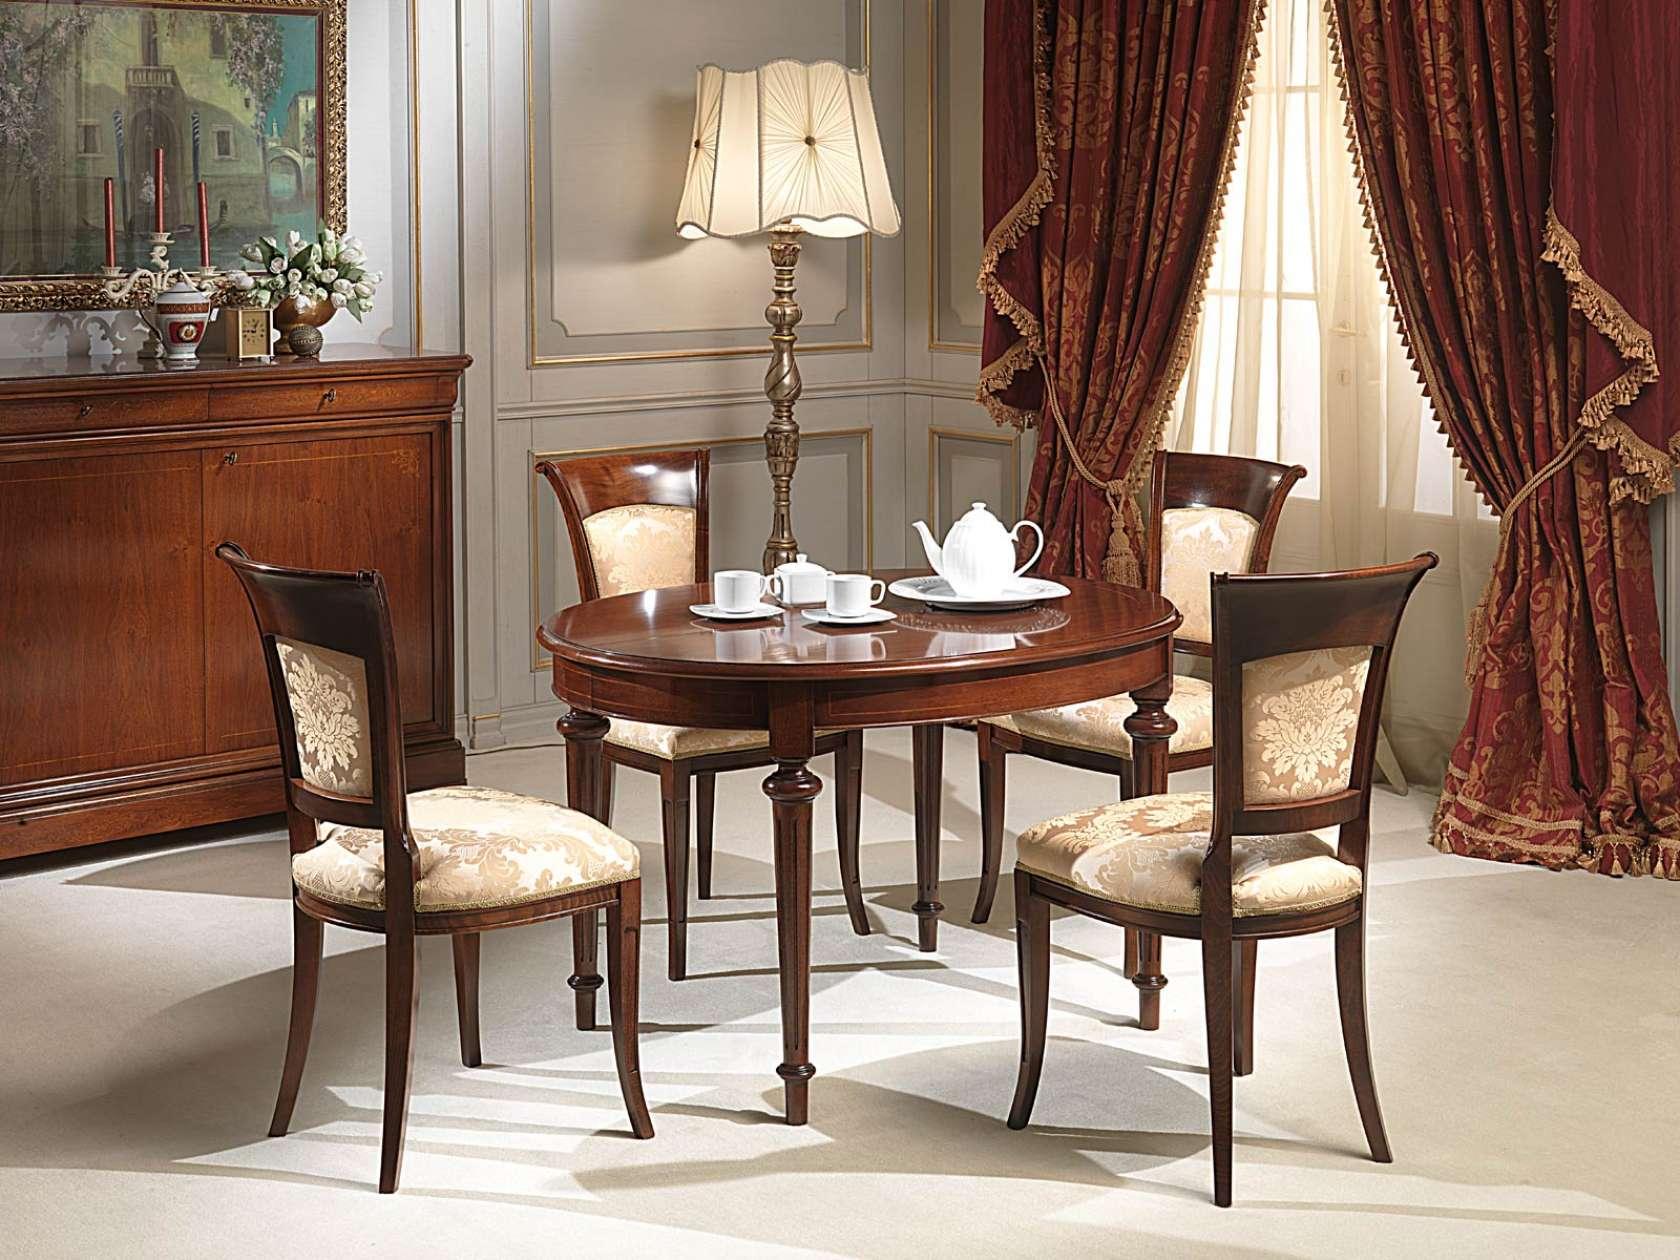 Tavoli Da Pranzo Classici : Tavolo ovale allungabile vimercati meda